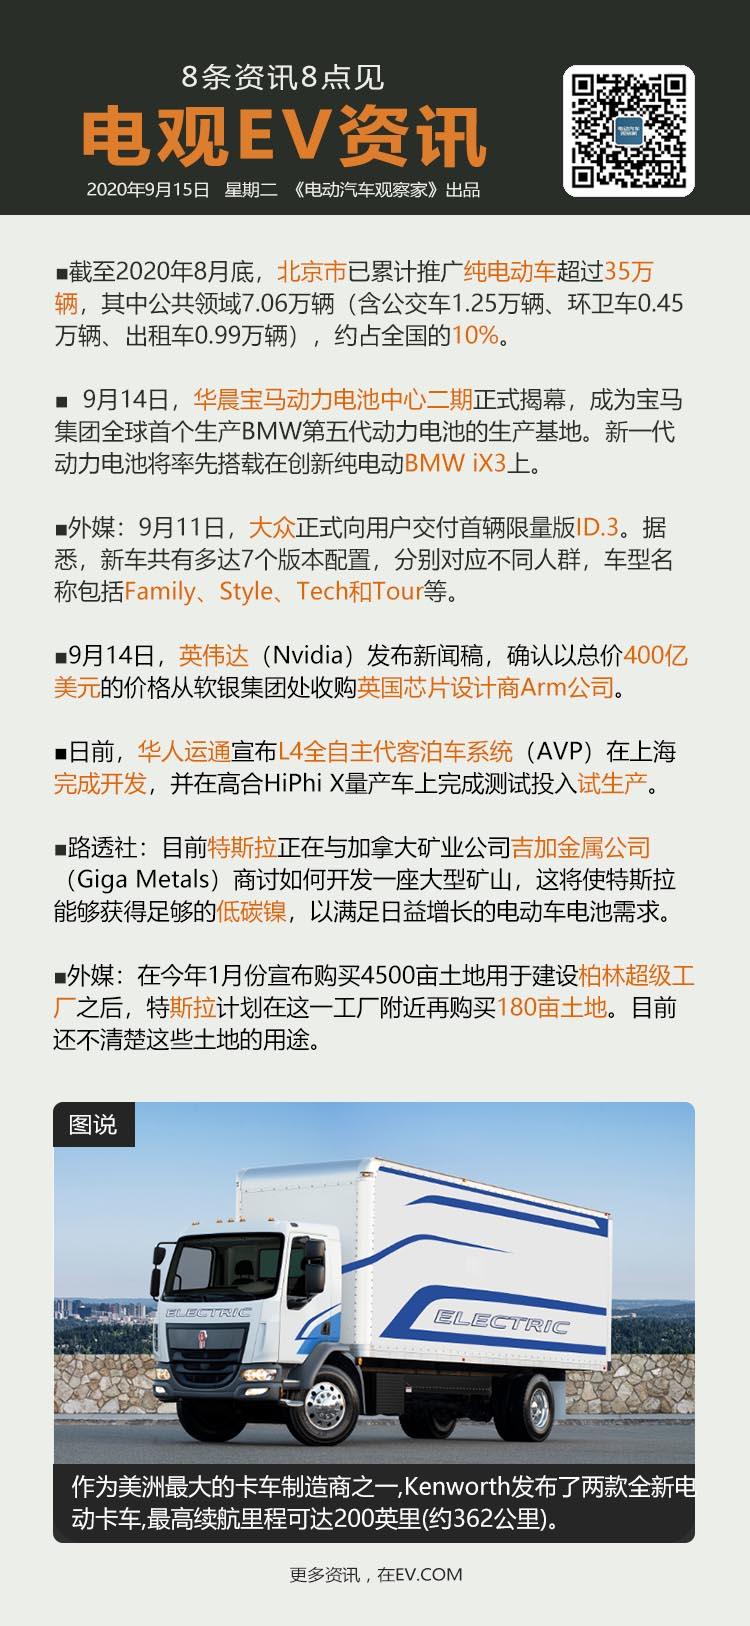 9月15日:恒大汽车出售非汽车业务公司股权、华晨宝马电池中心二期揭幕、大众交付限...